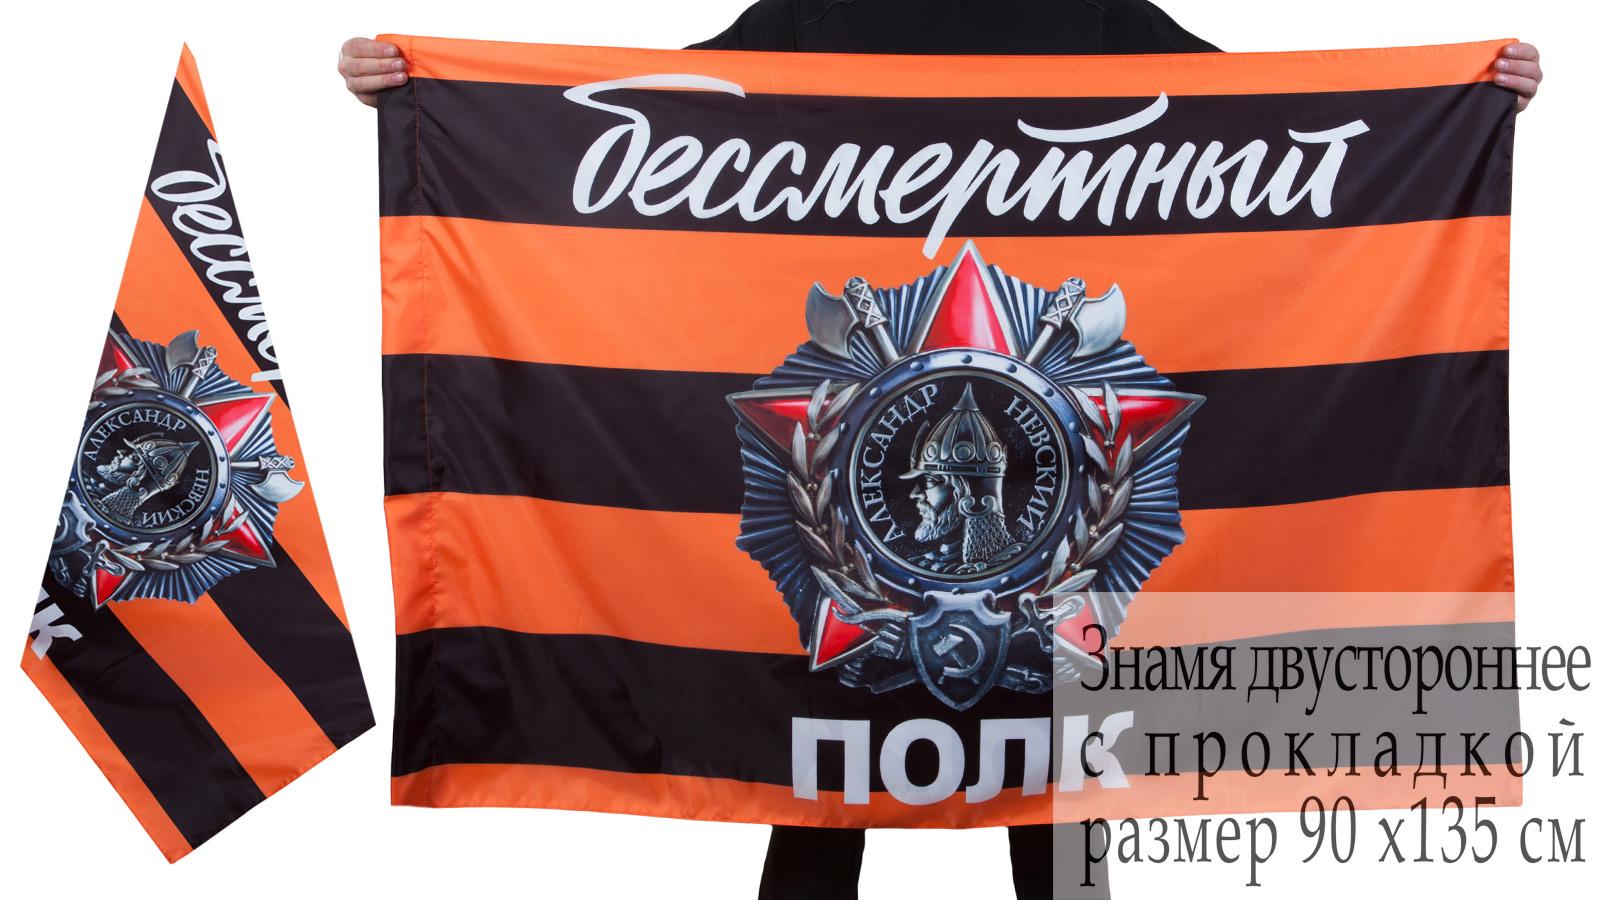 Знамя с орденом Александра Невского